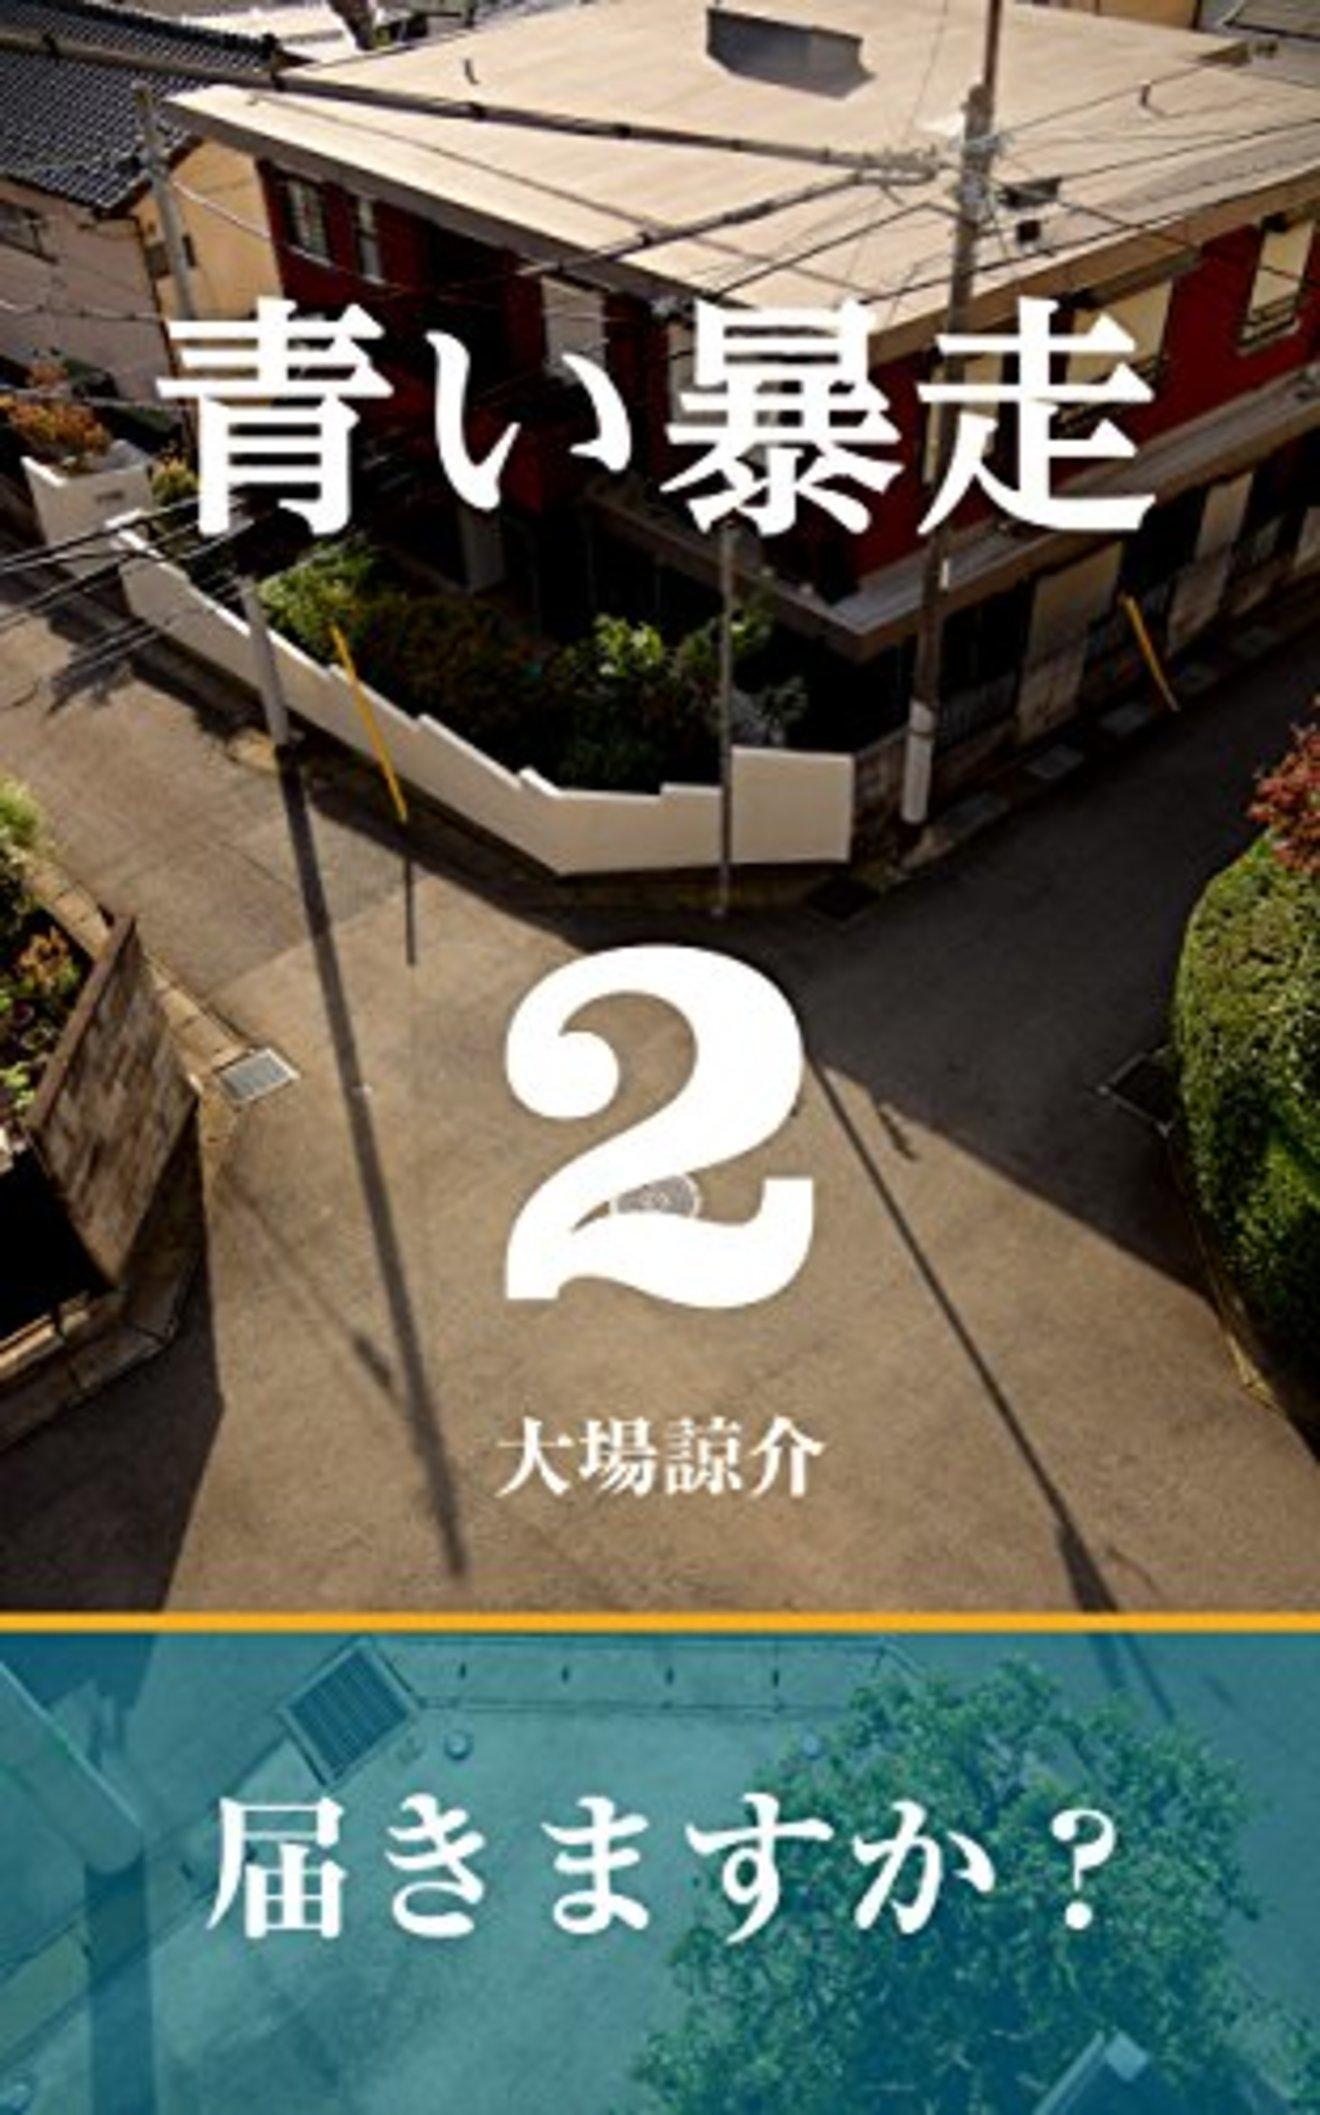 【連載小説】「CROSS ROAD」第3話【毎週土曜更新】